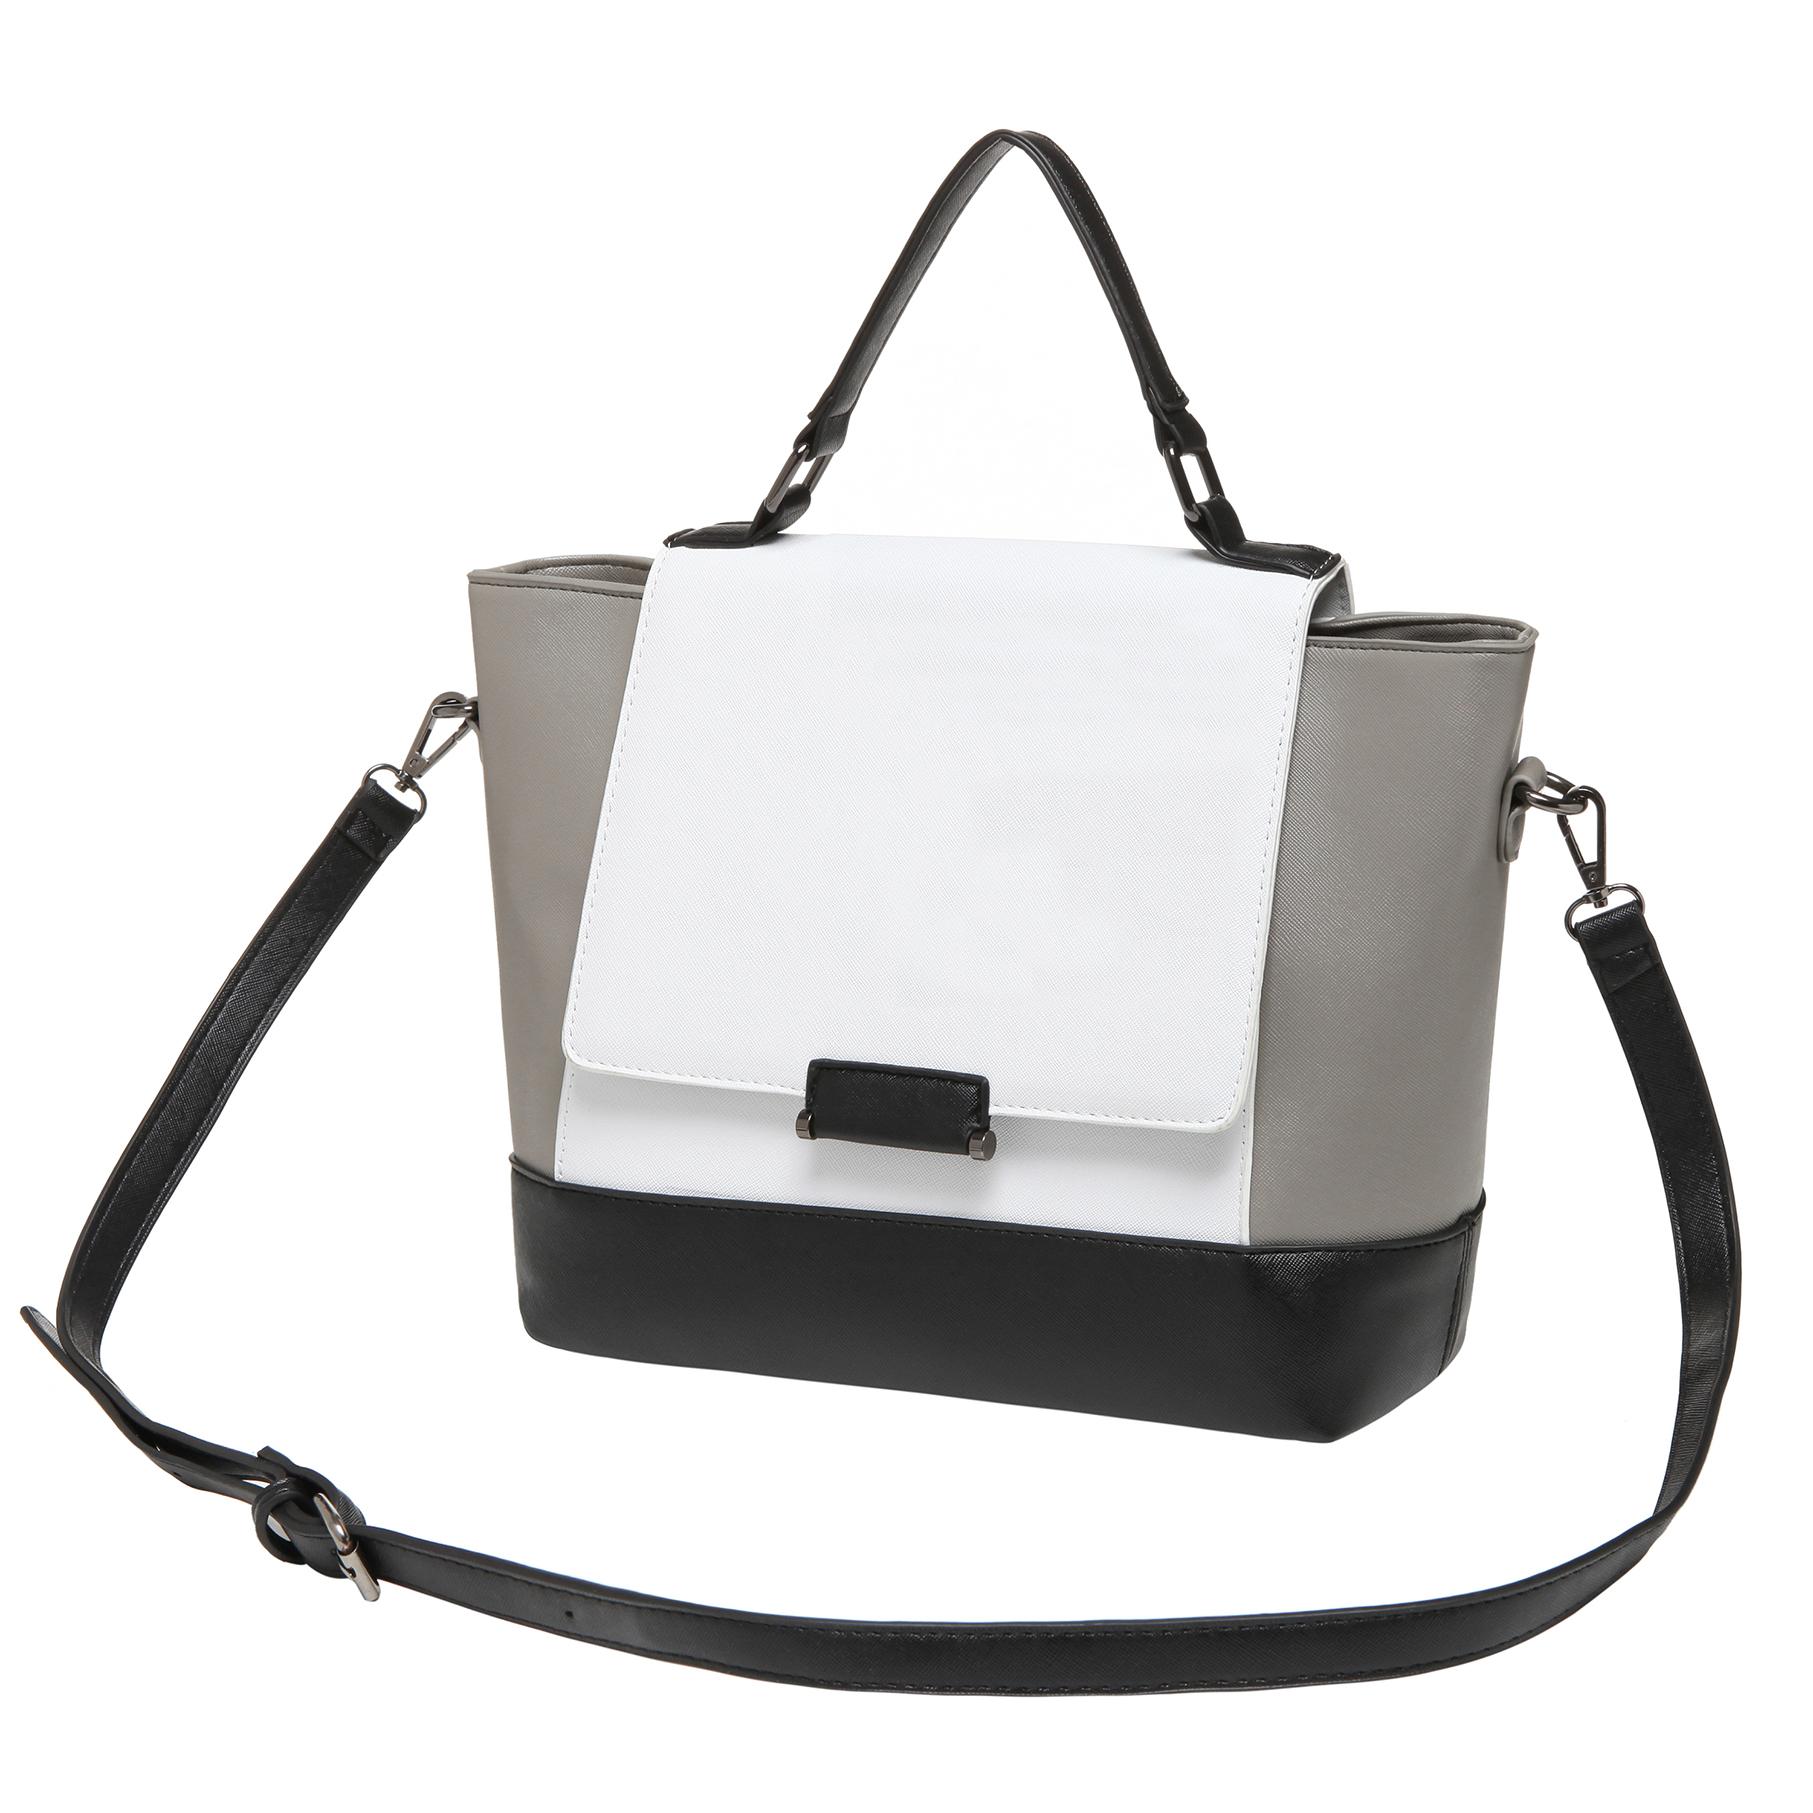 mg-collection-meryl-top-handle-tote-handbag-tb-h0651wht-5.jpg